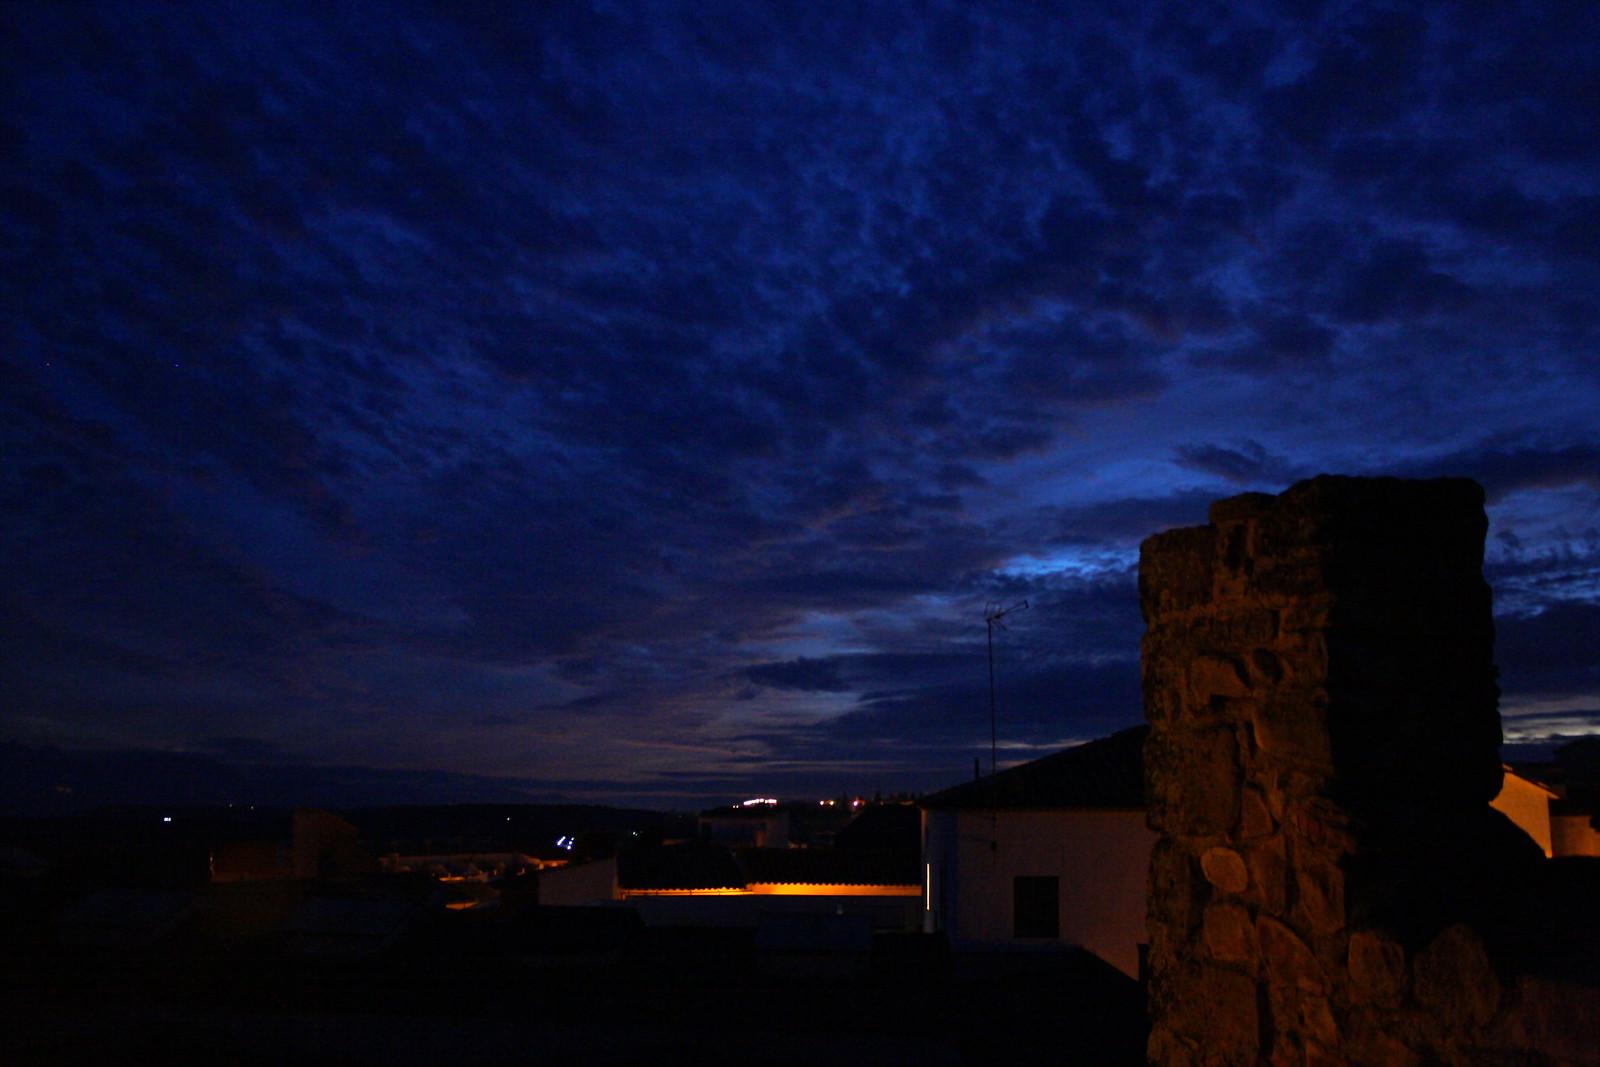 Sabiote, Spain at night